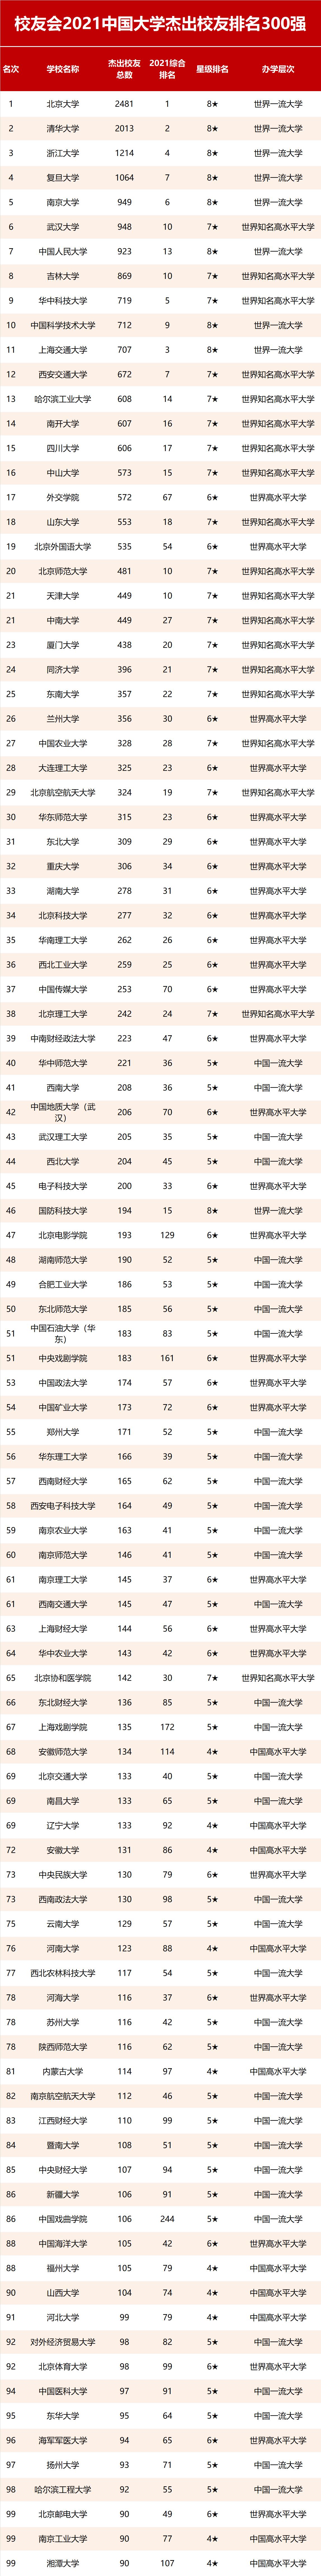 2021年校友会中国大学杰出校友排名300强